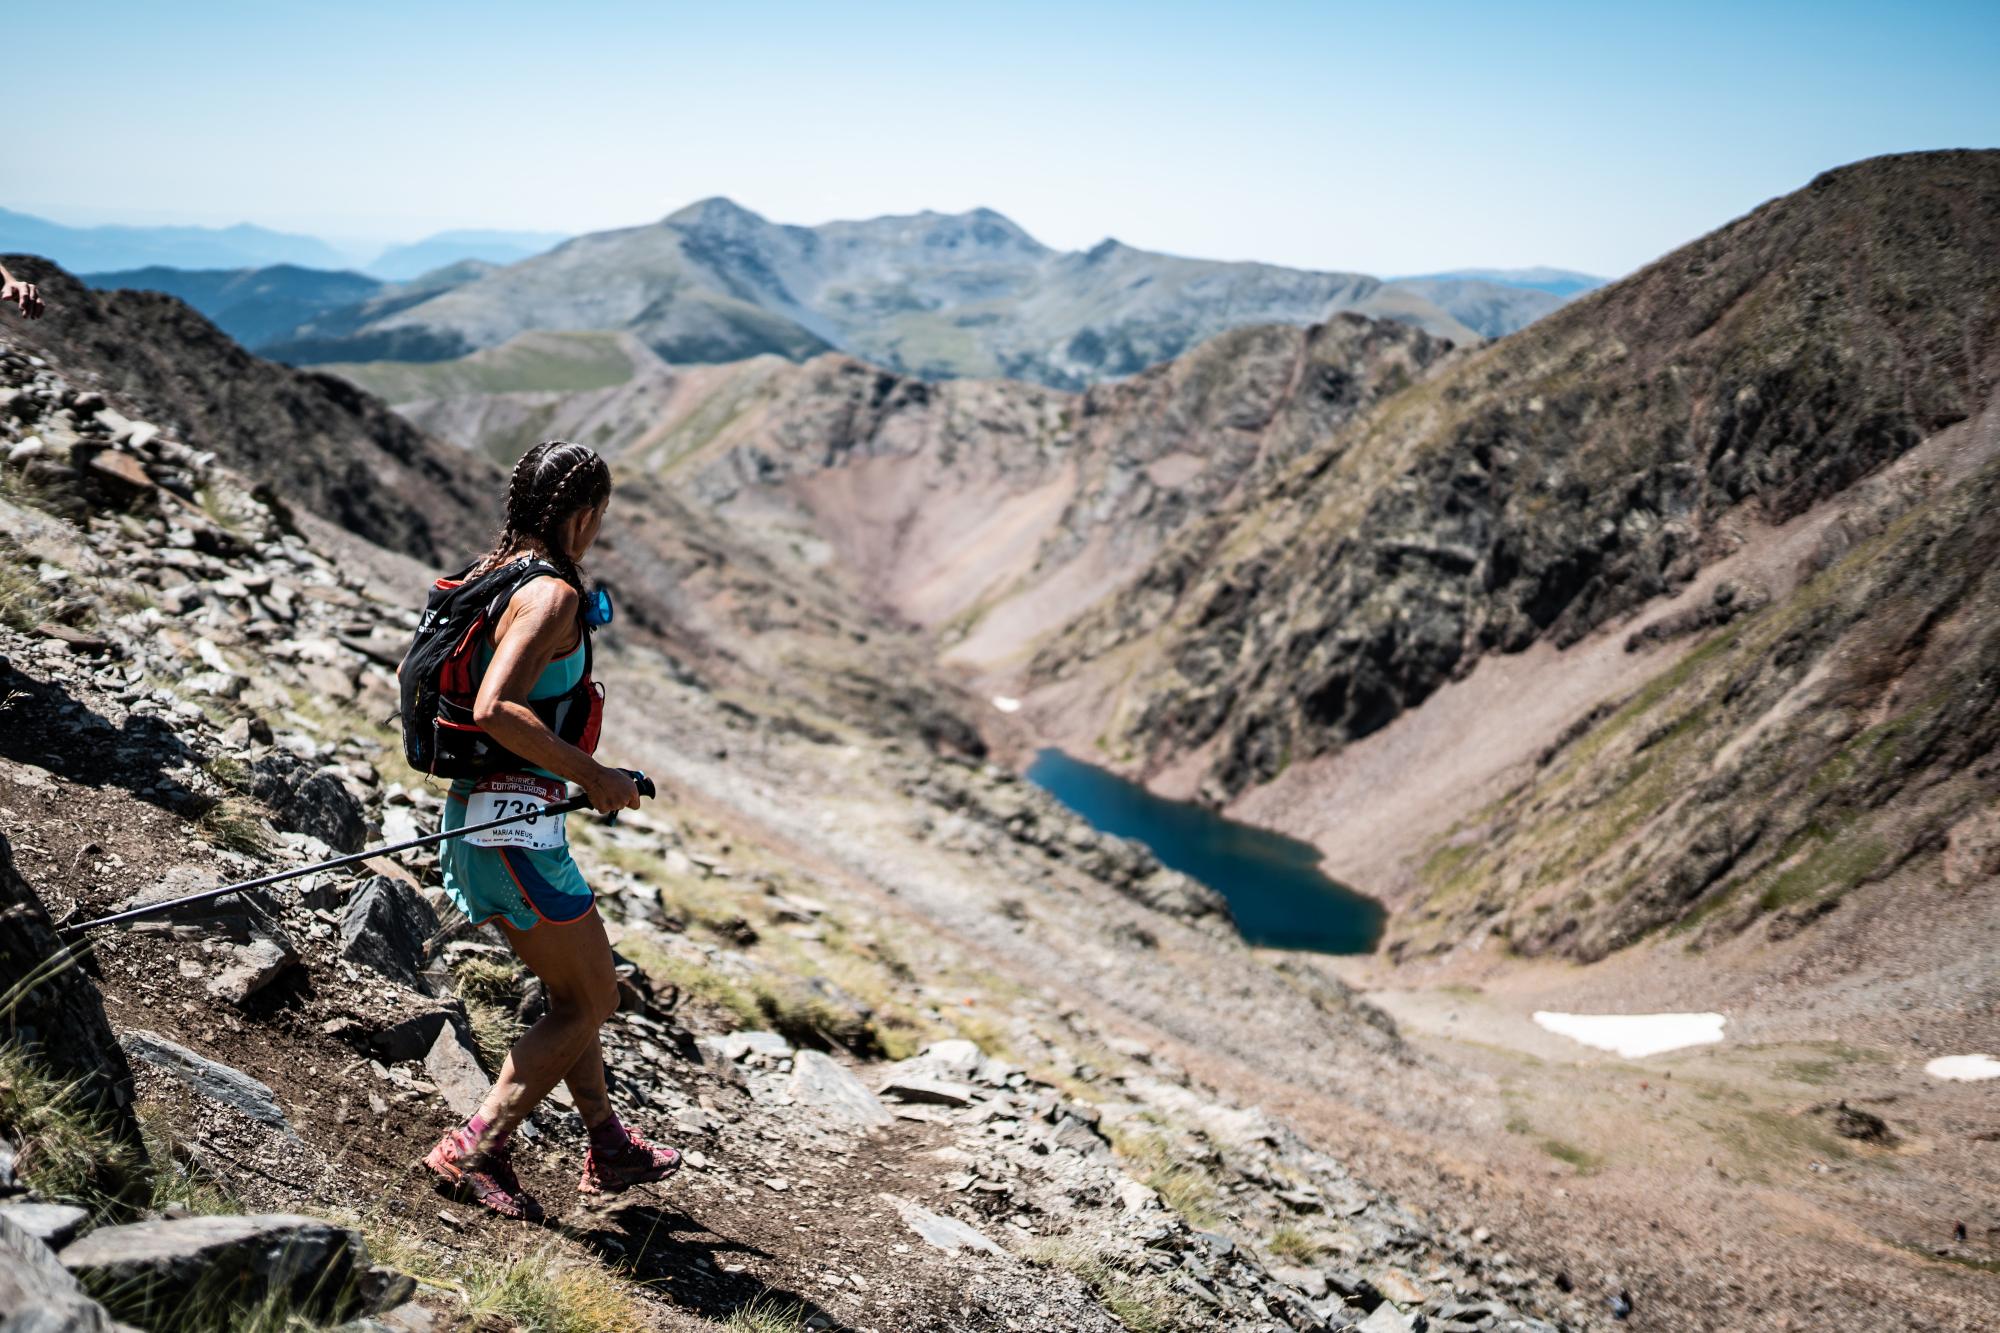 La mítica Skyrace Comapedrosa creix aquest 2021 amb una nova distància Ultra de 50 Km i 3.800 m de desnivell positiu